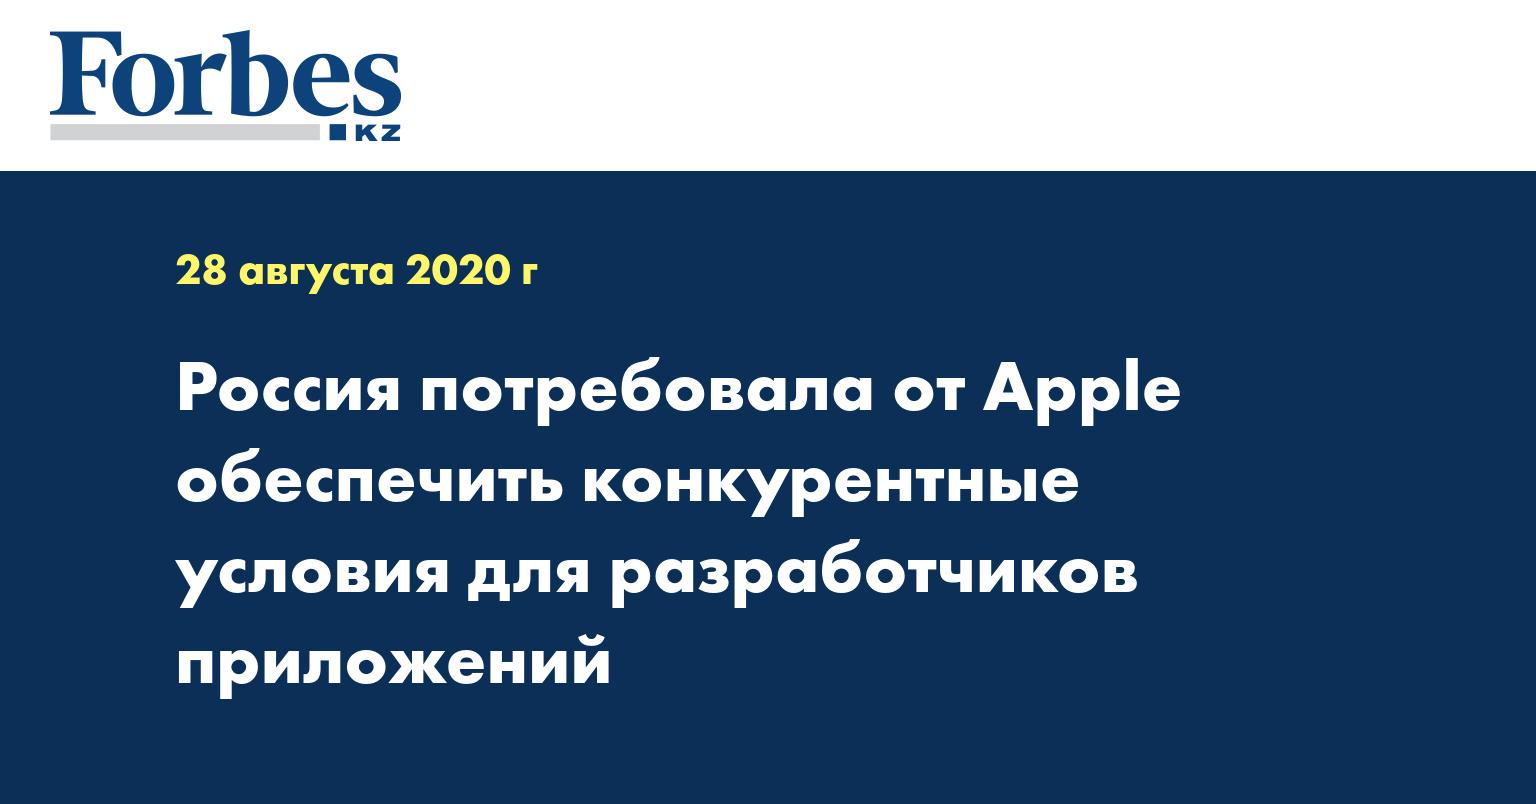 Россия потребовала от Apple обеспечить конкурентные условия для разработчиков приложений